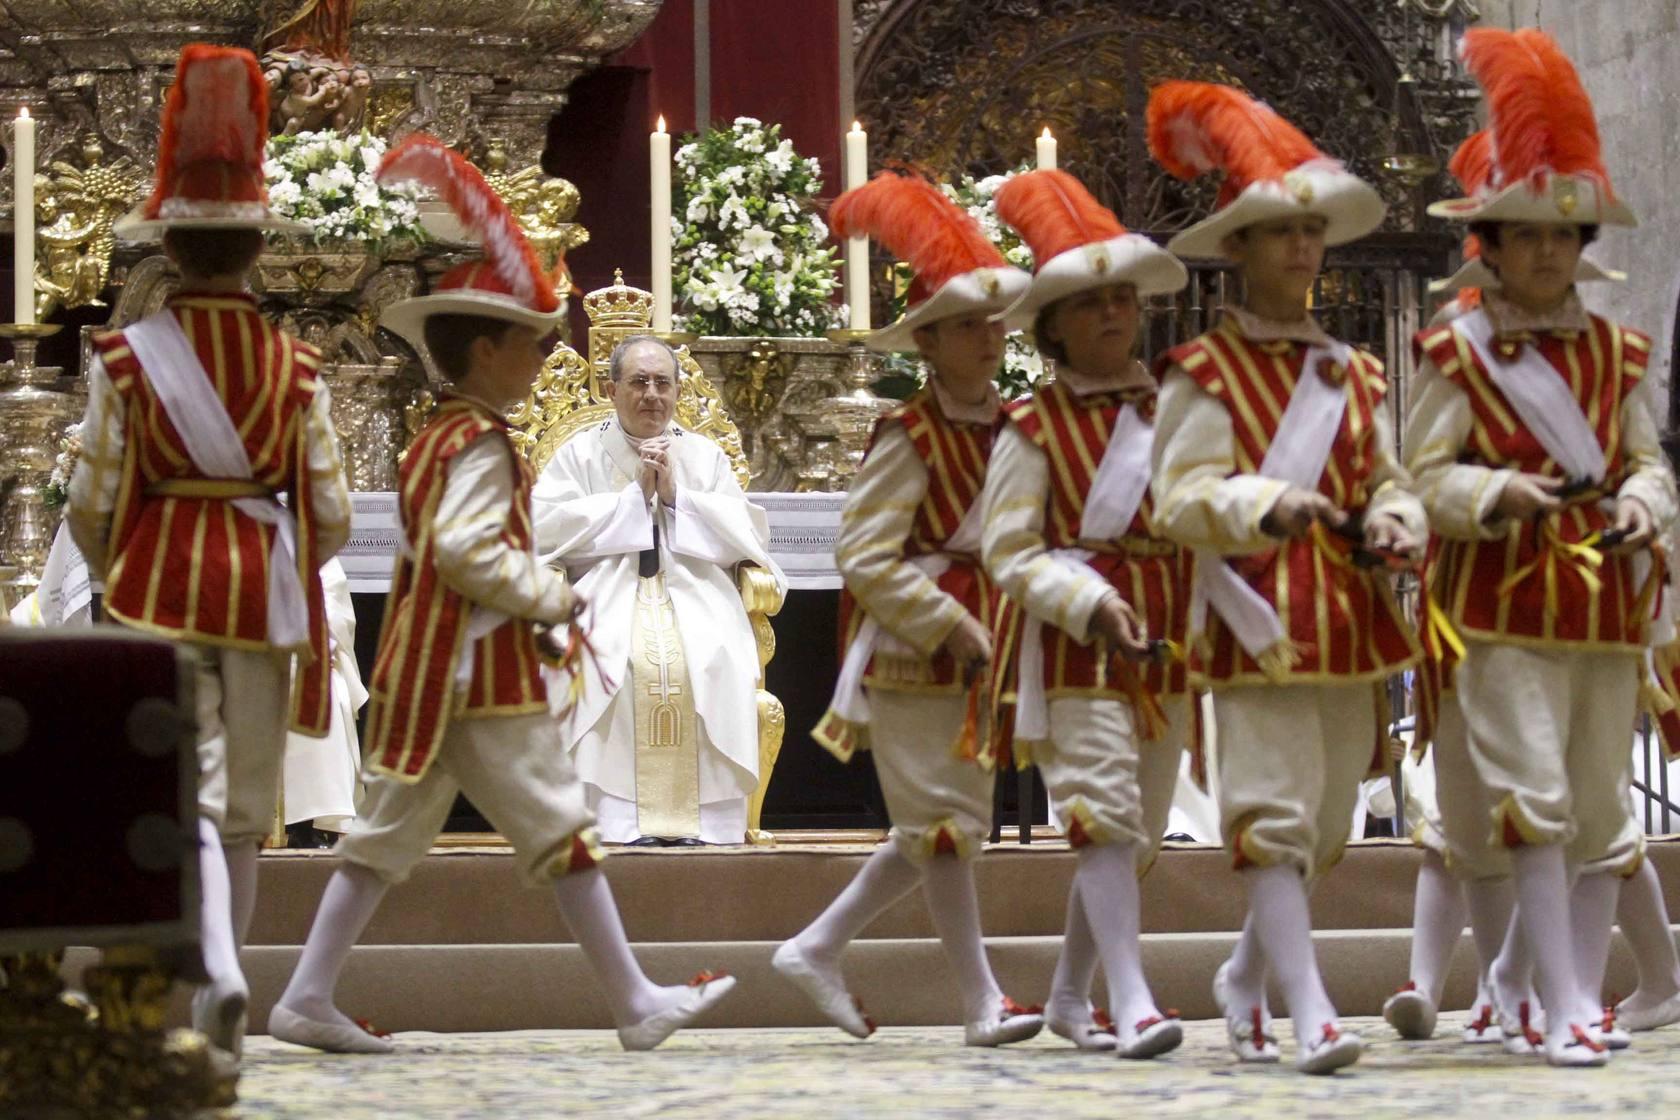 Seises de la Catedral de Sevilla